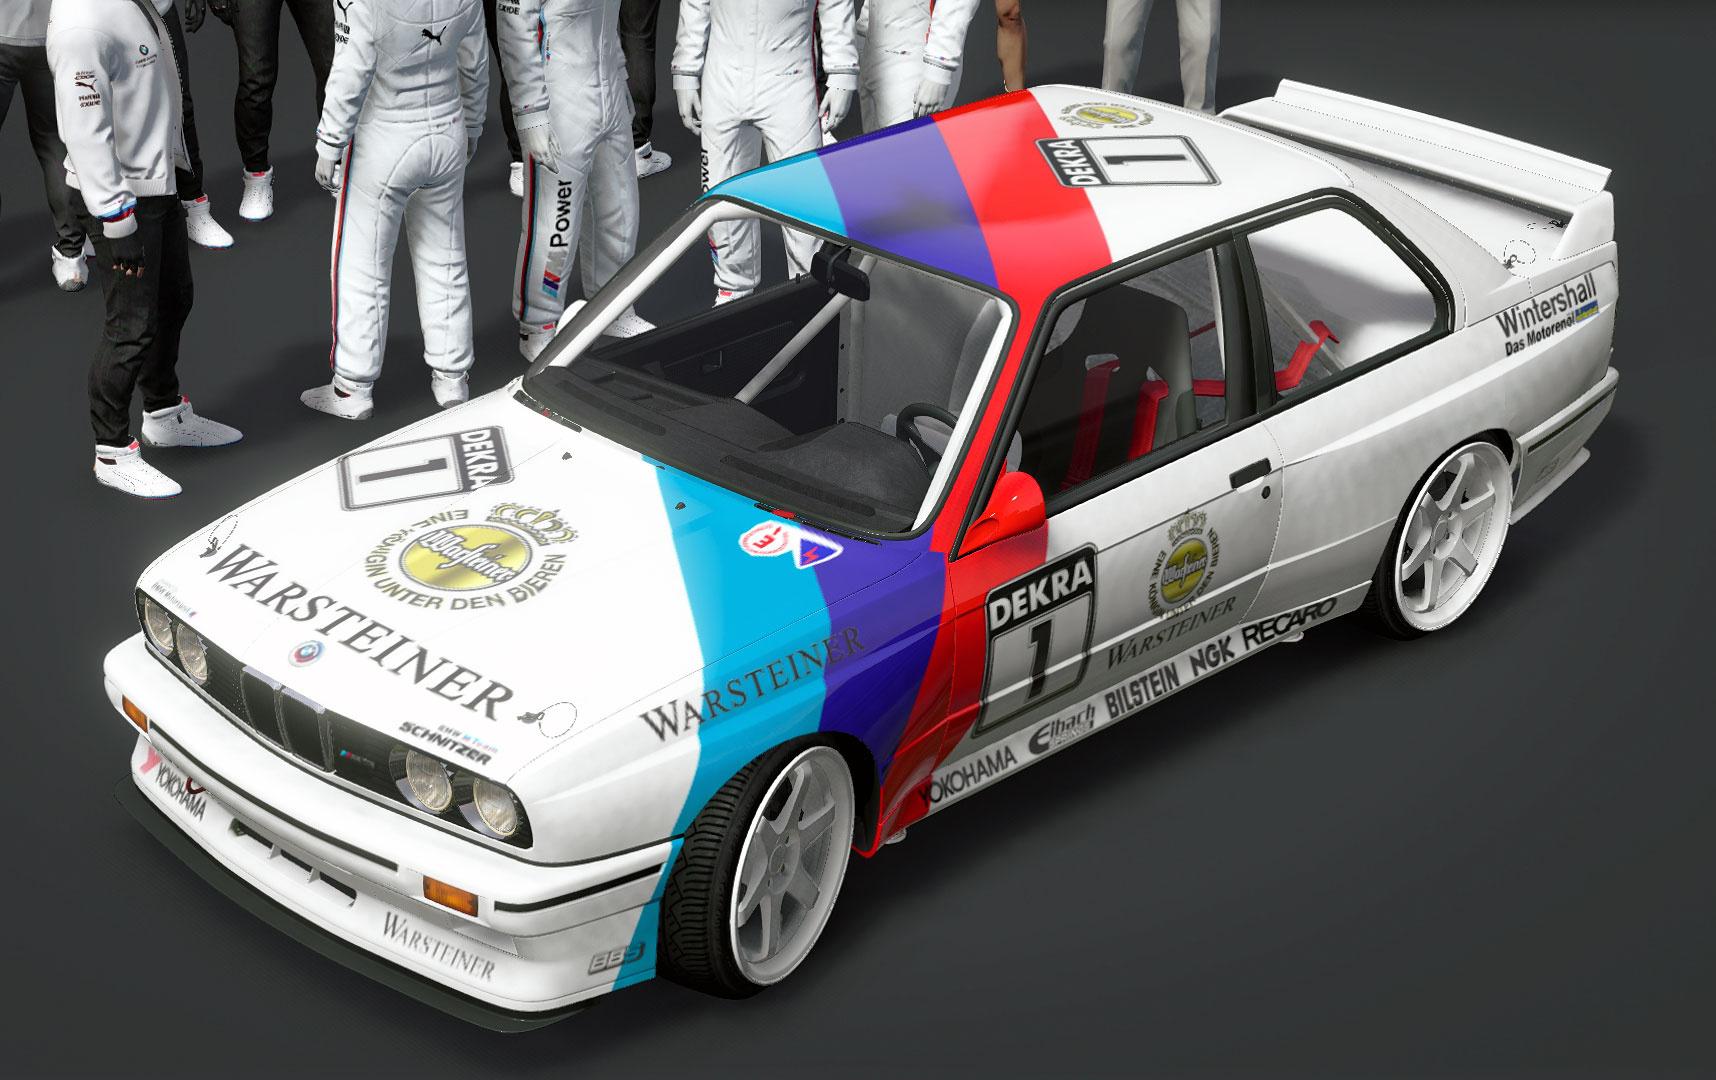 BMW M3 E30 DTM 1991 Real Textrue Livery Skin - GTA5-Mods.com